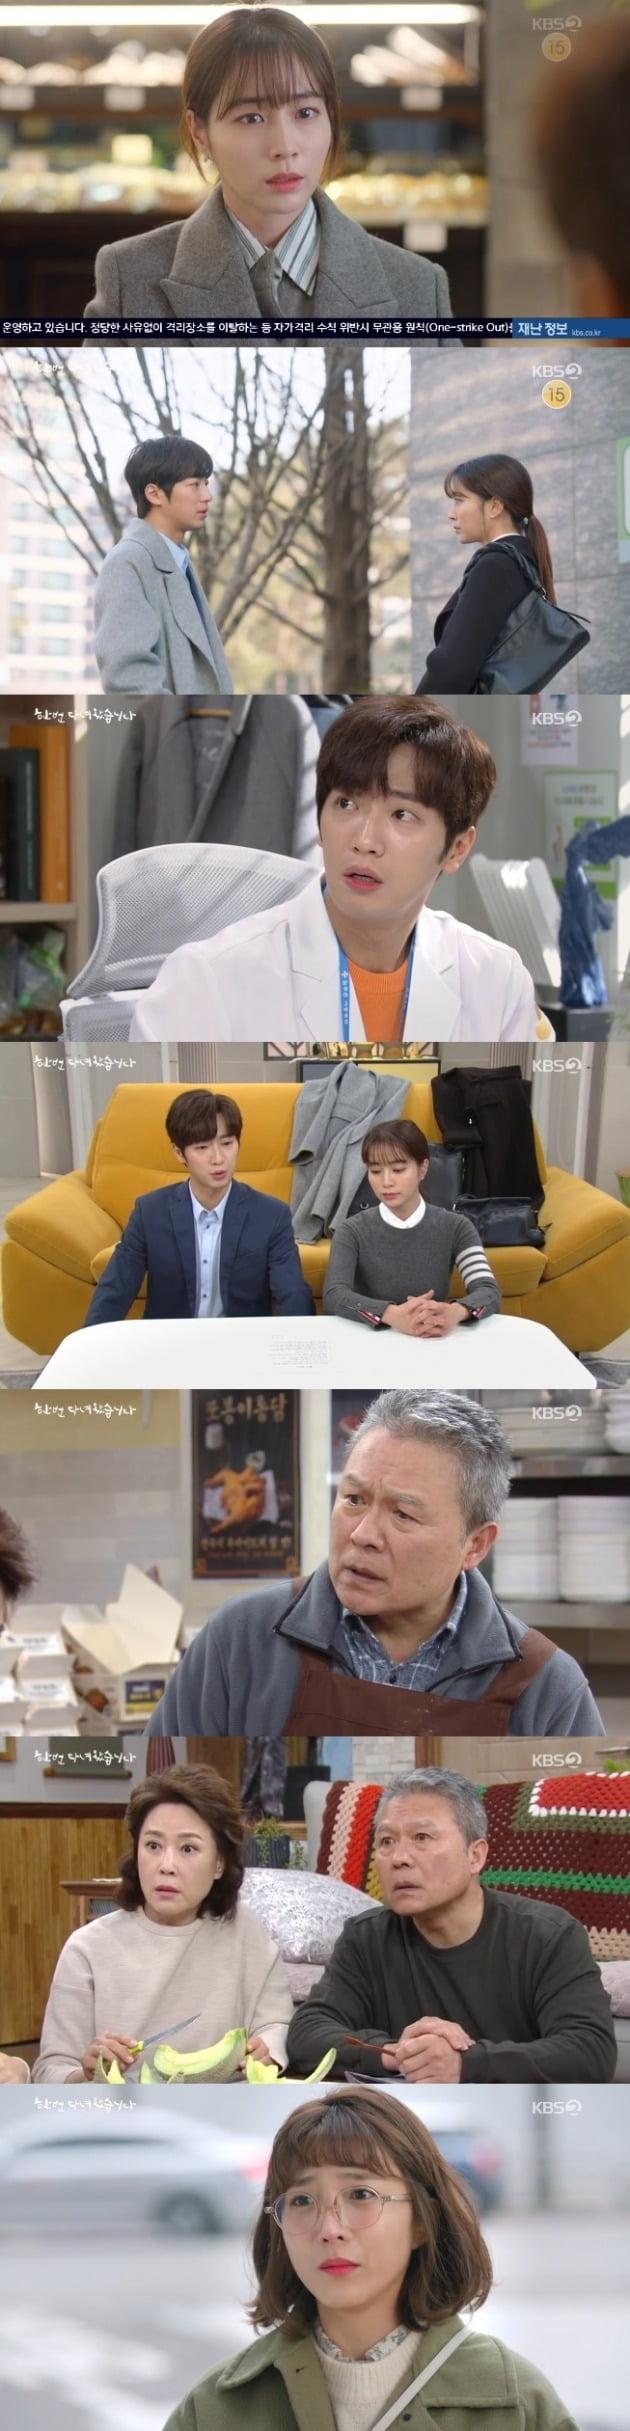 KBS 2TV '한 번 다녀왔습니다' 방송화면. /사진제공=KBS